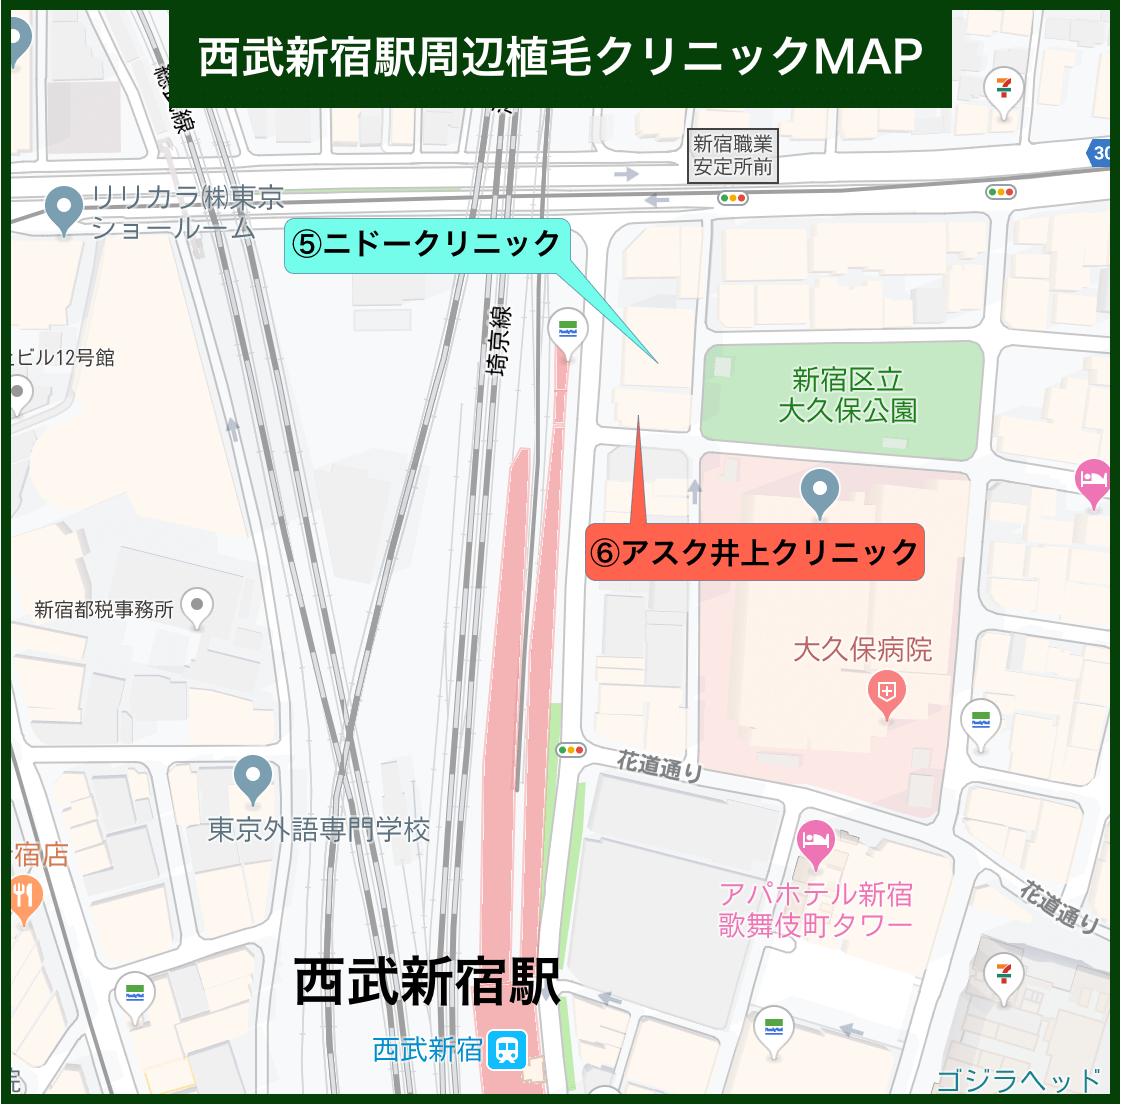 西武新宿駅周辺植毛クリニックMAP